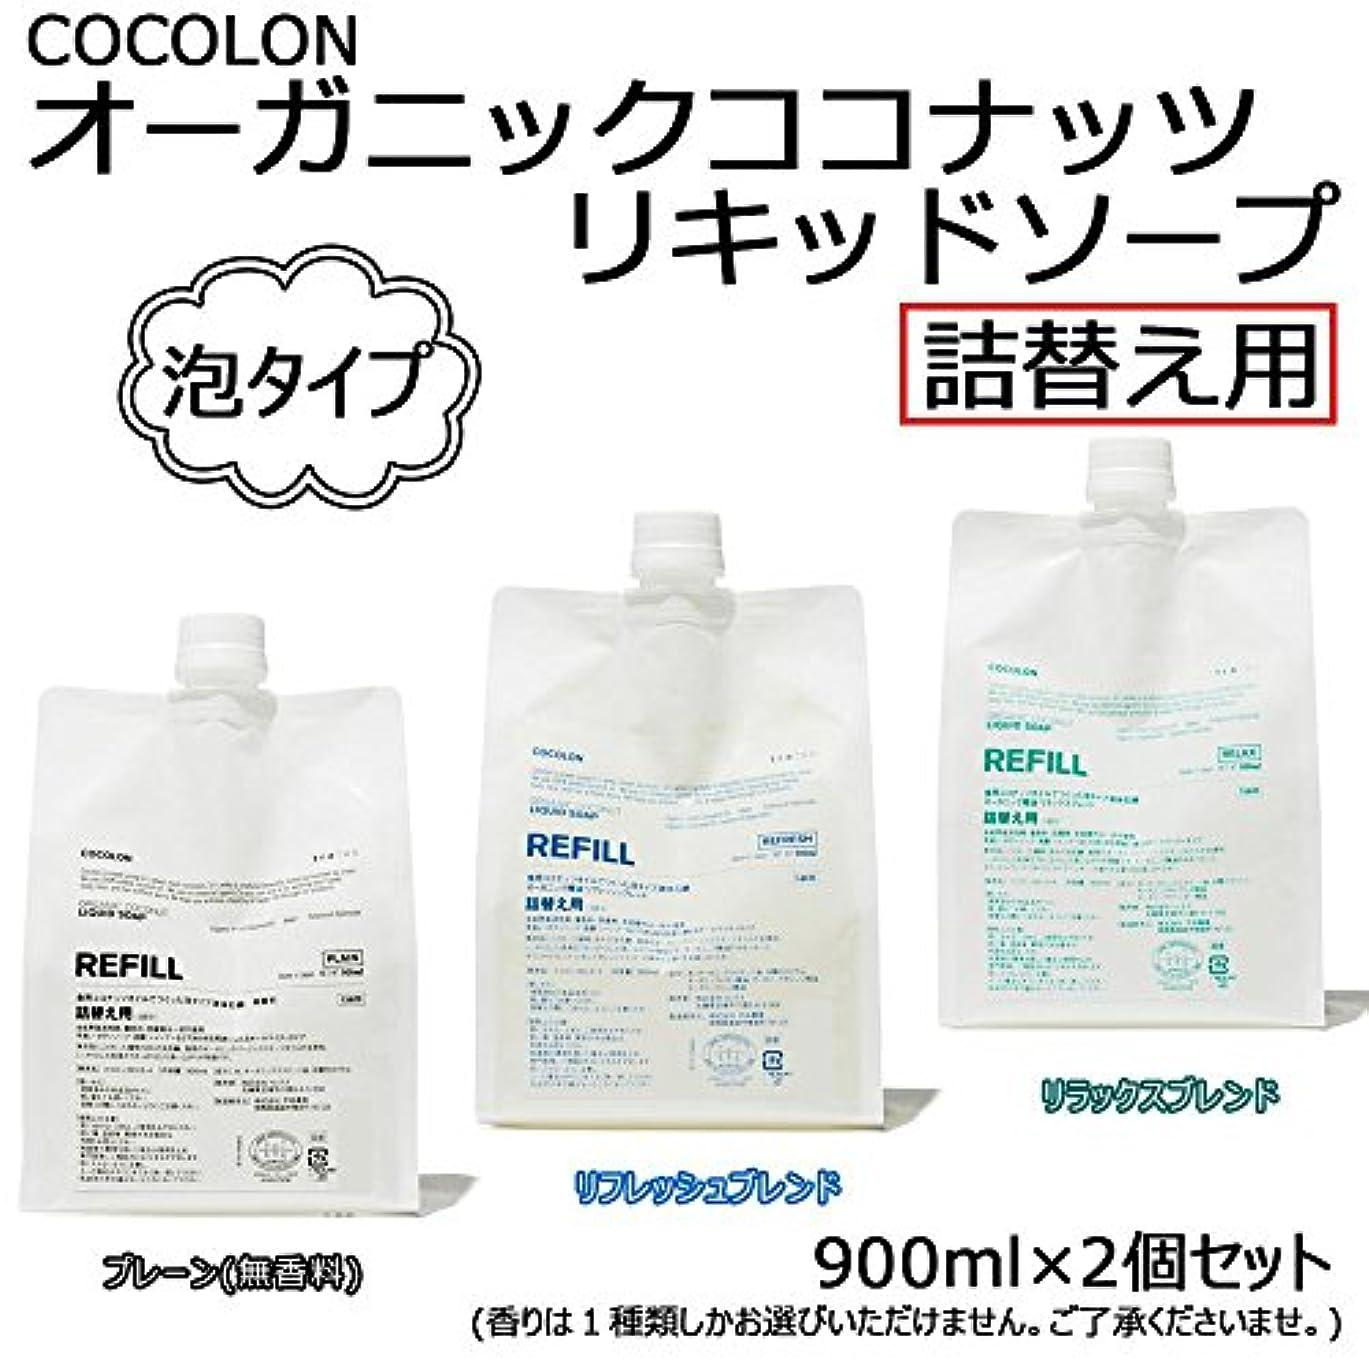 横に布飼い慣らすCOCOLON ココロン オーガニックココナッツリキッドソープ 泡タイプ 詰替え用 900ml 2個セット プレーン(無香料)